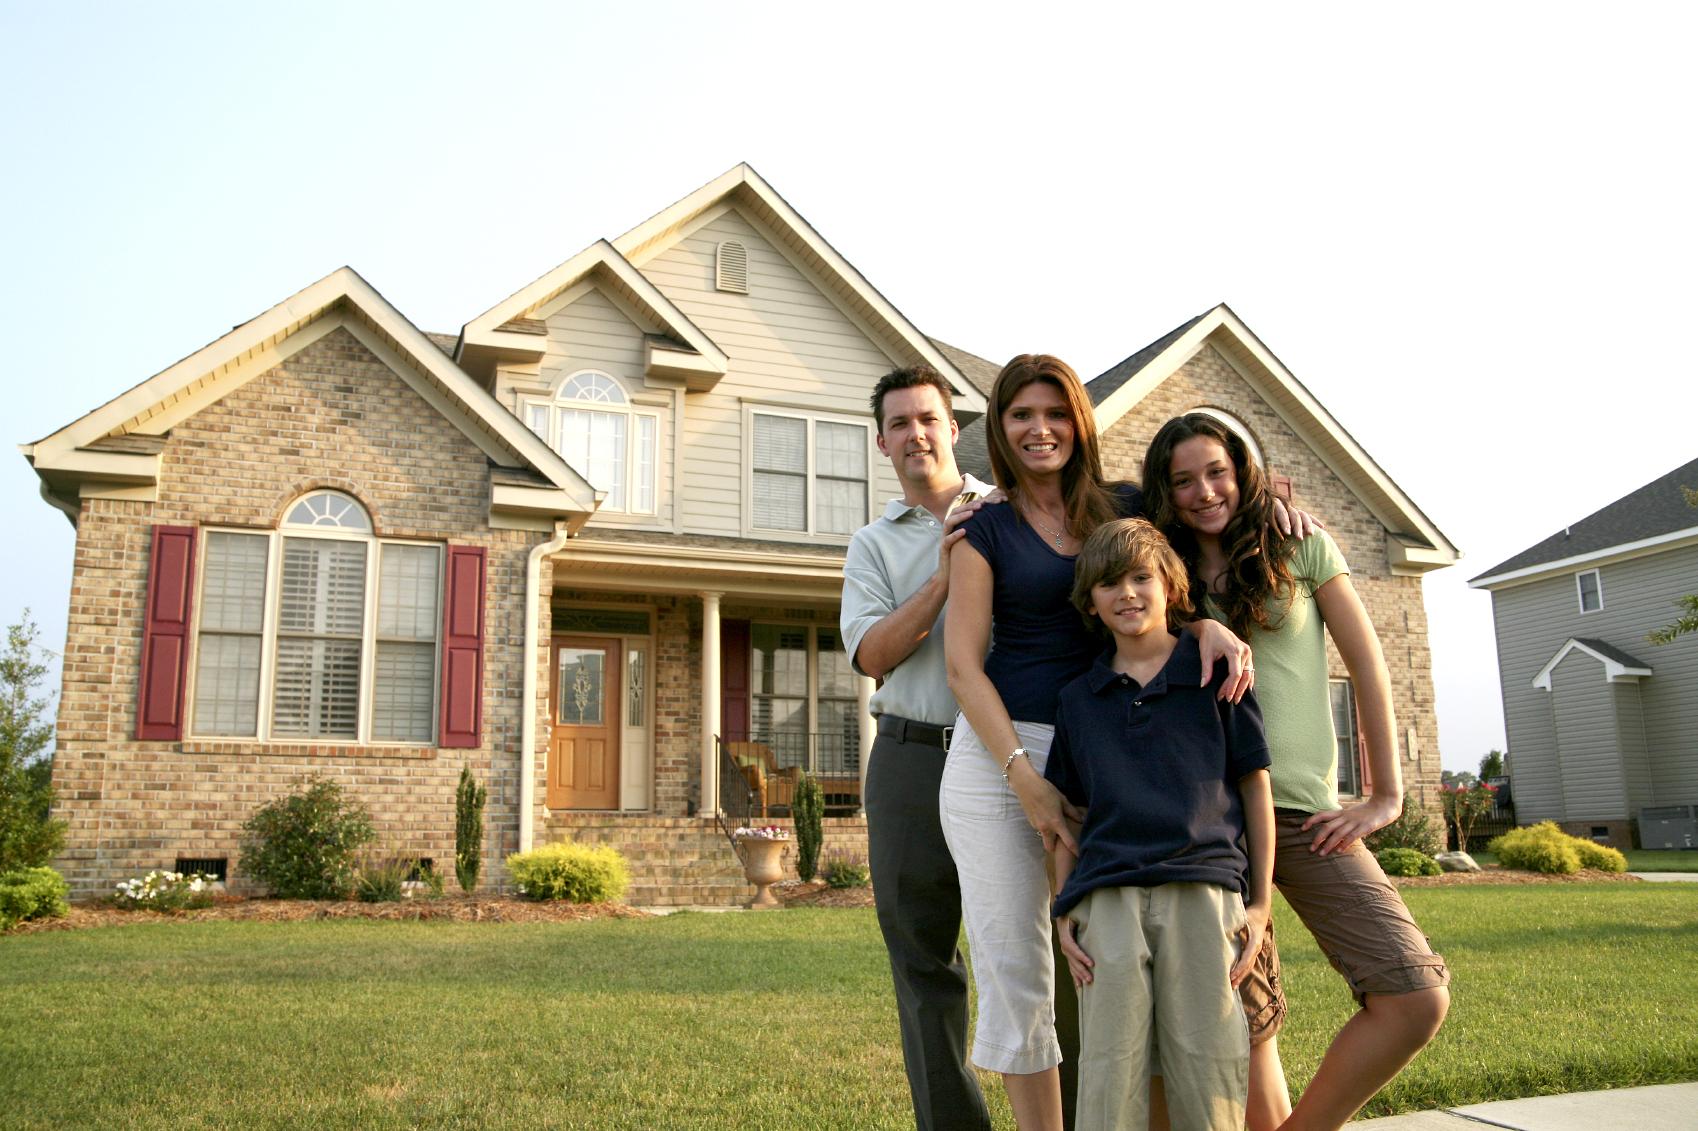 aproveite sua nova casa e evite problemas na compra (foto: divulgação)